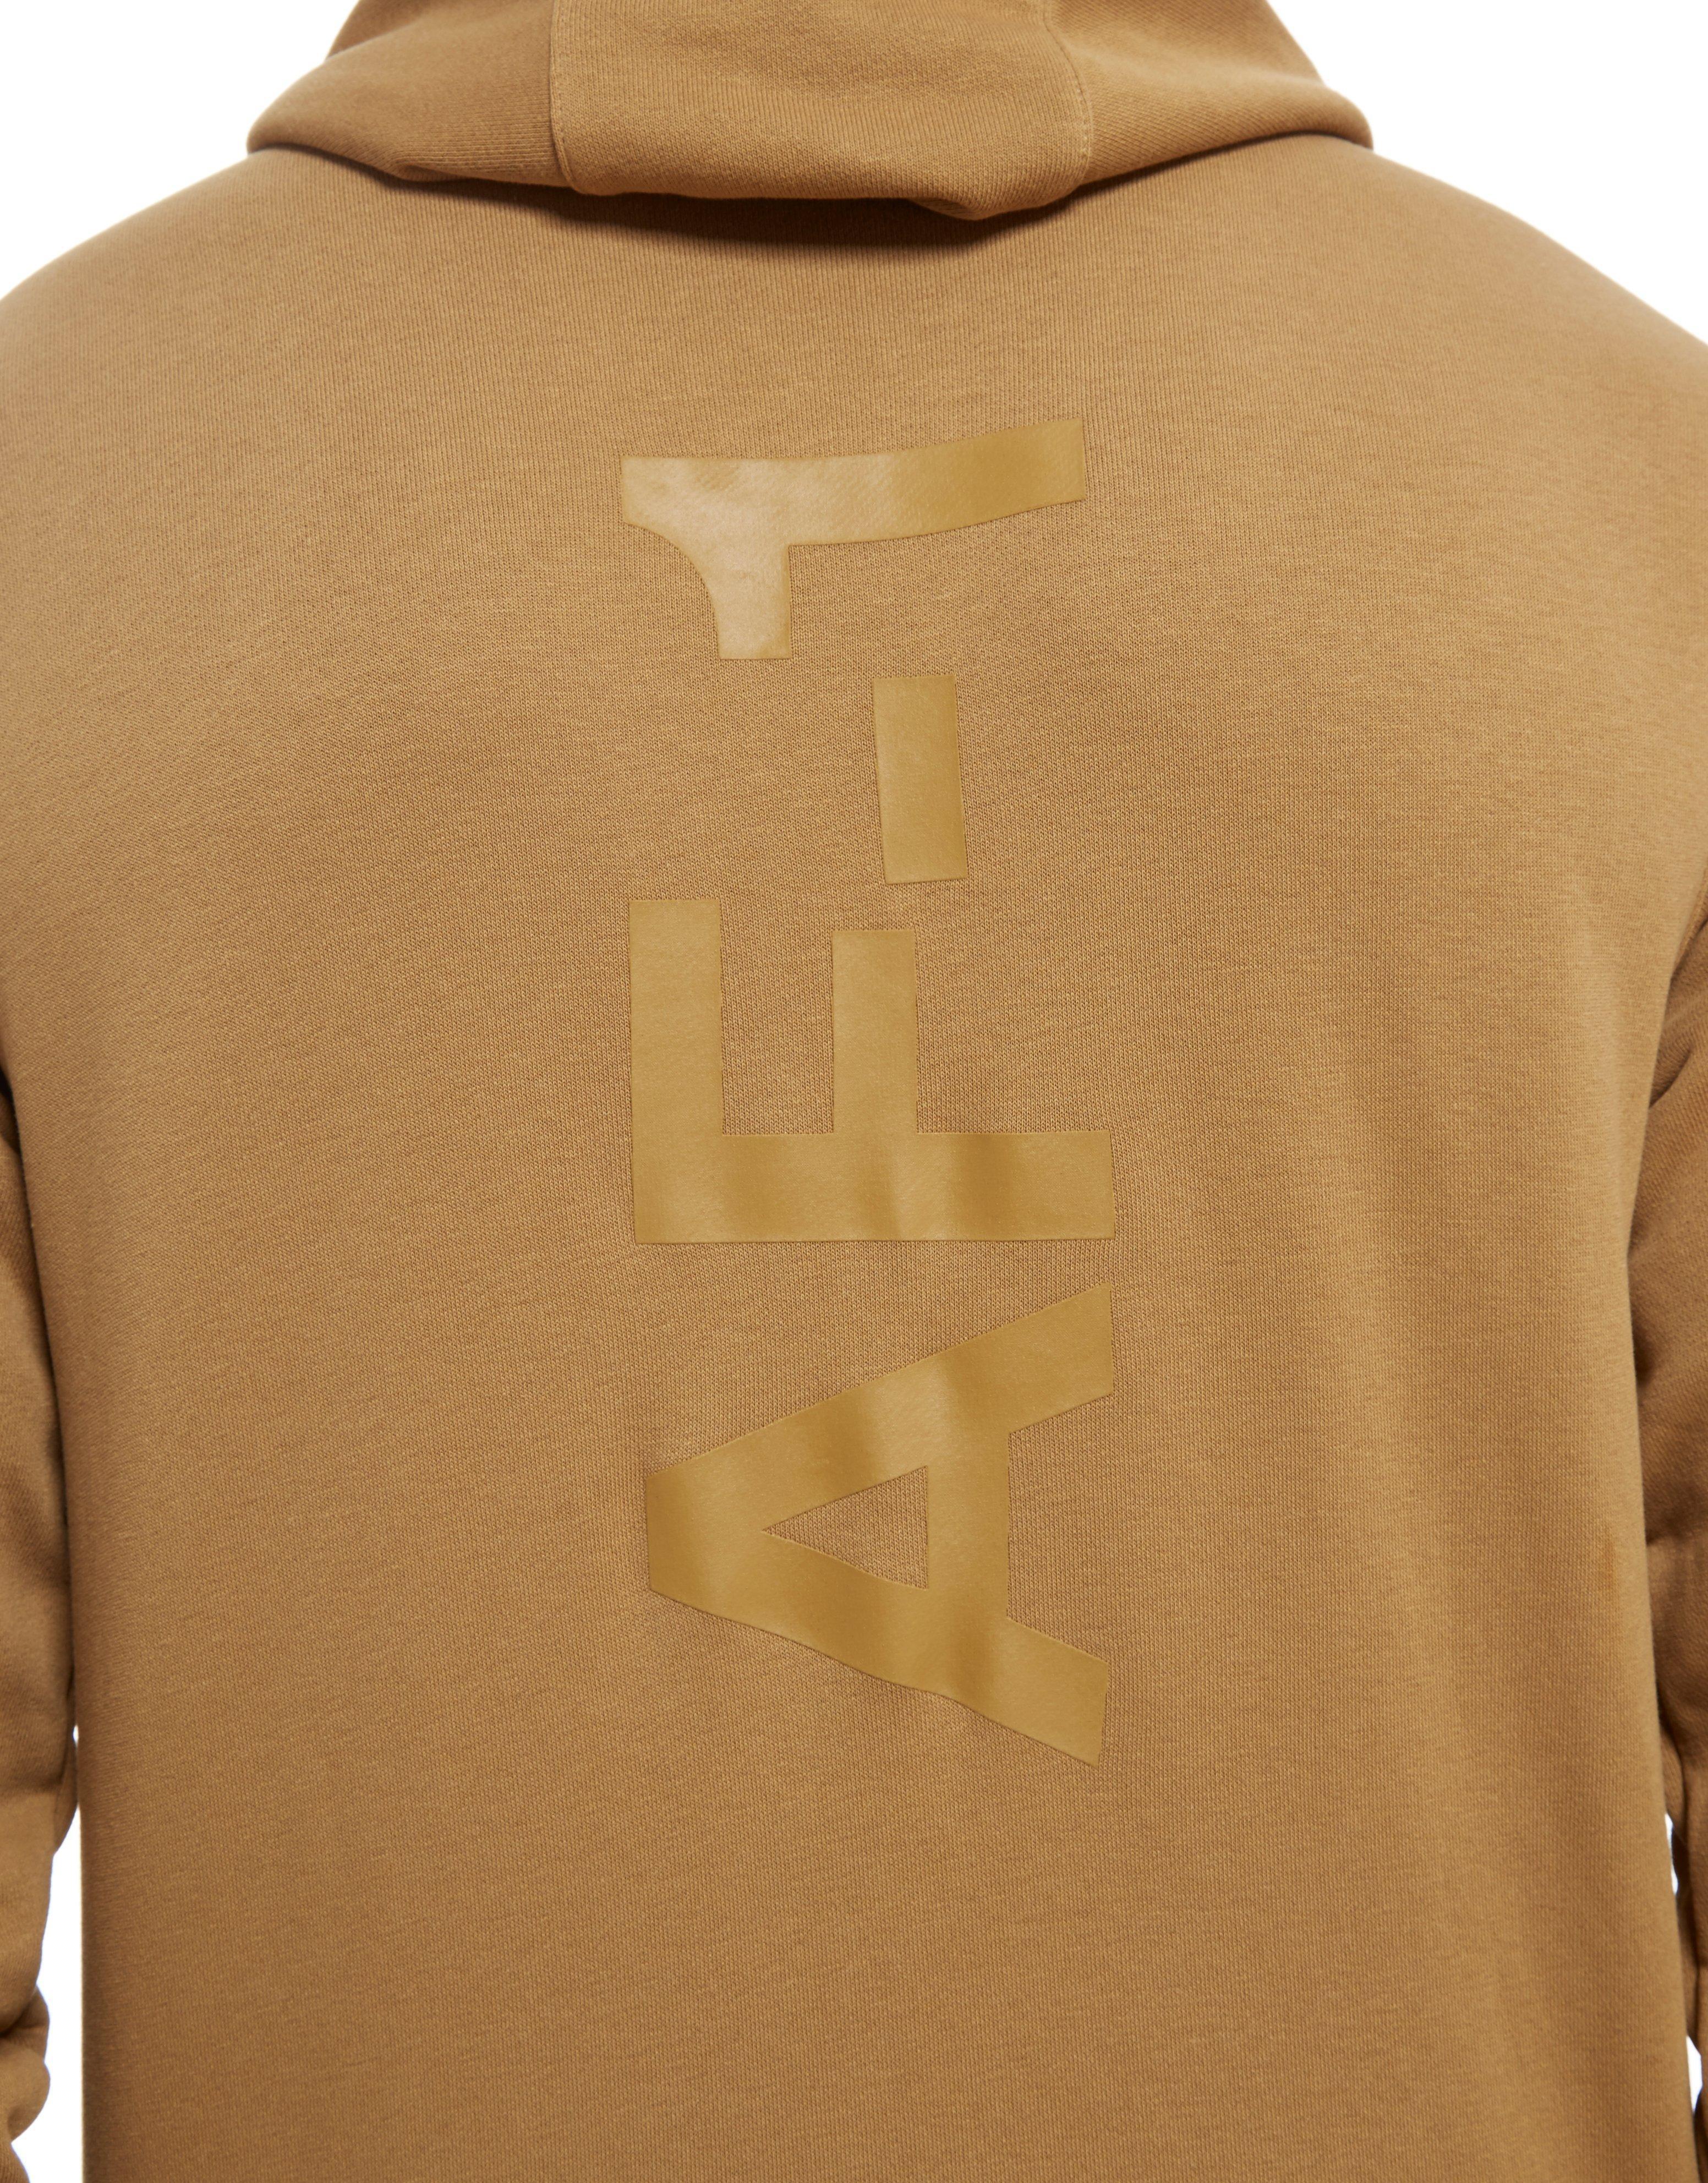 113911a2aef2 Lyst - Nike Air Force 1 Full Zip Hoodie in Brown for Men